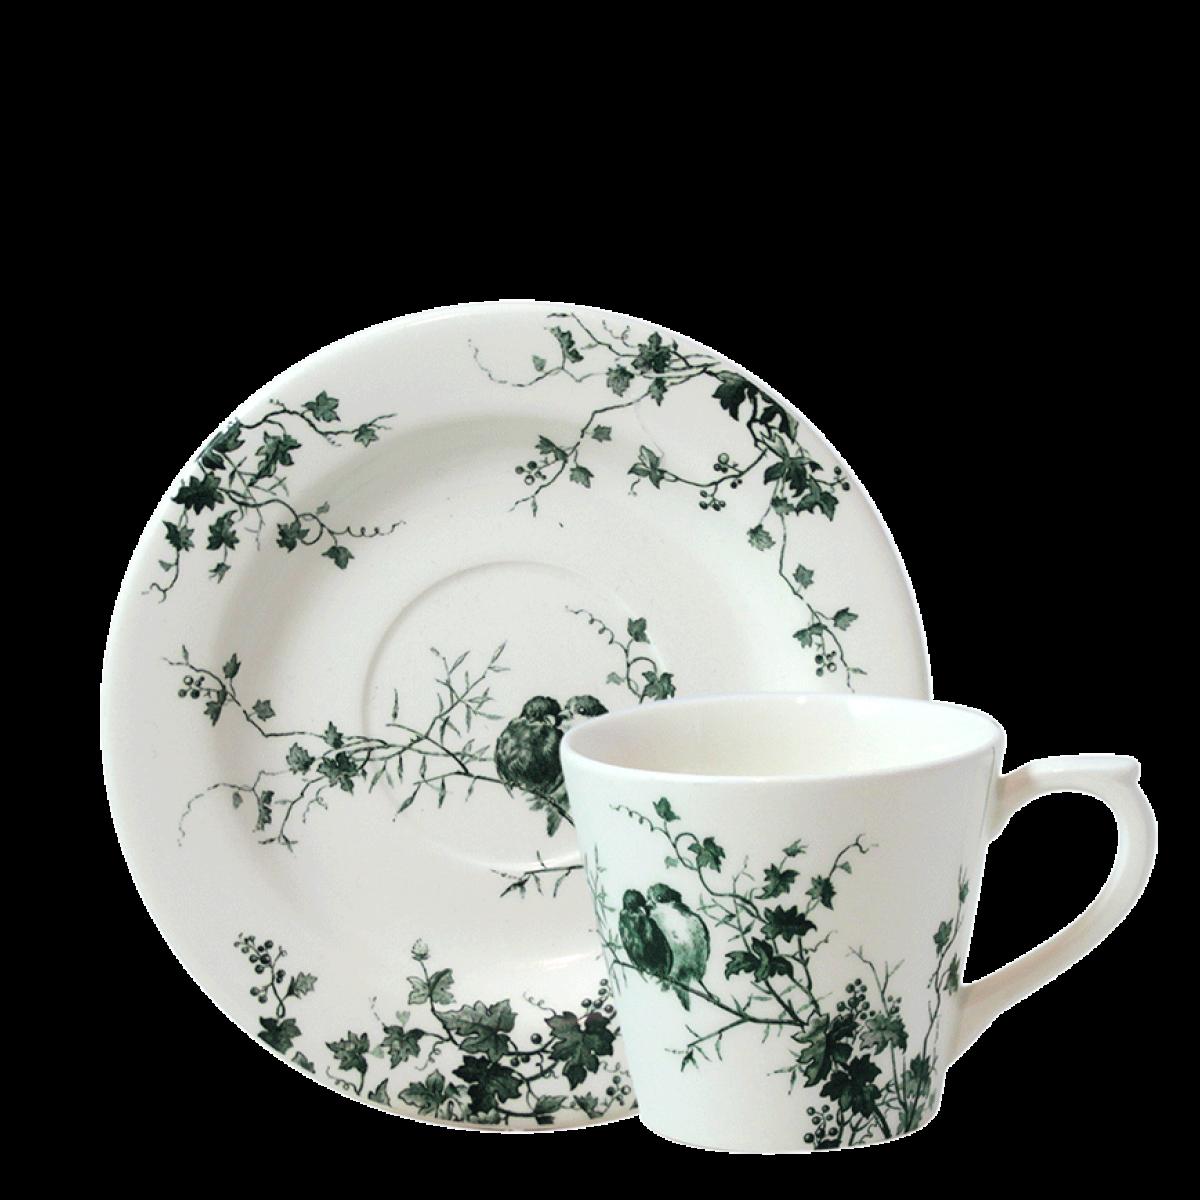 Чашка и блюдце для чая ПТИЦЫ от Gien